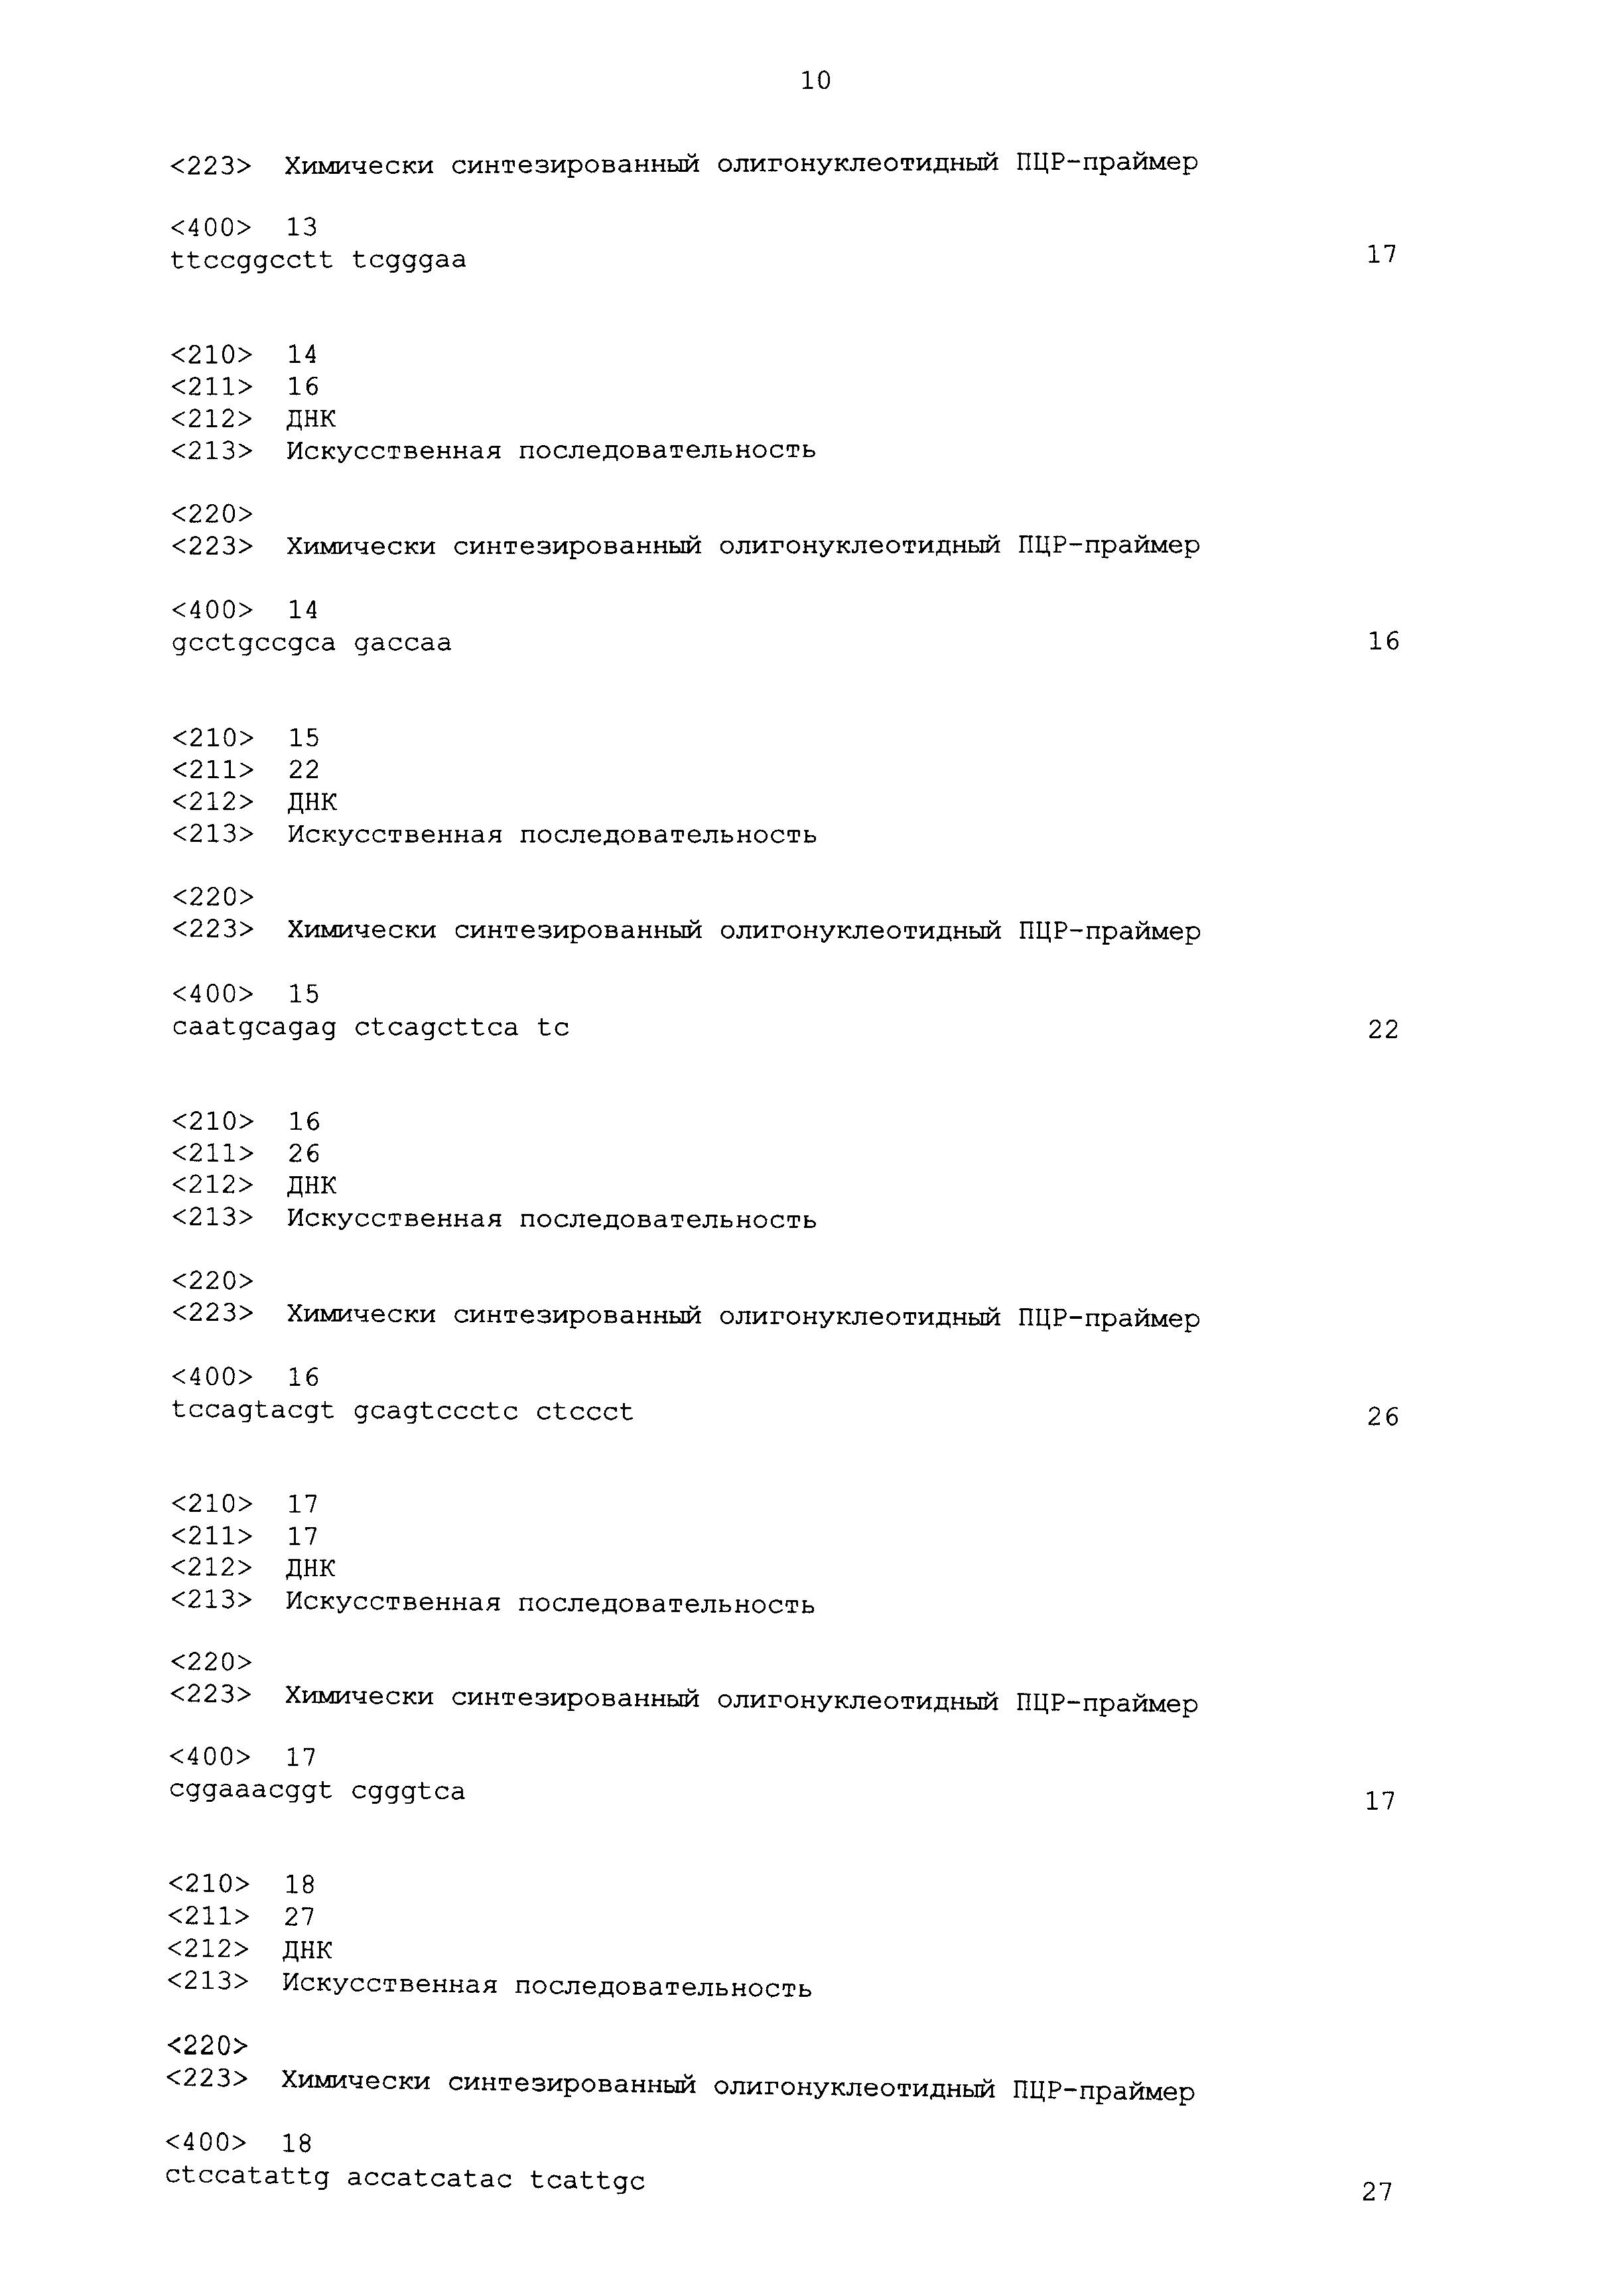 Инструкция по заполнению шкалы регрессии